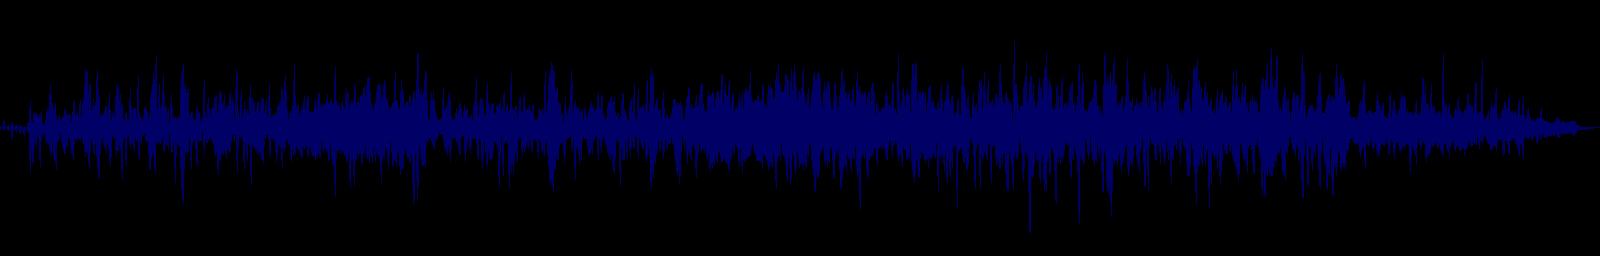 waveform of track #149610